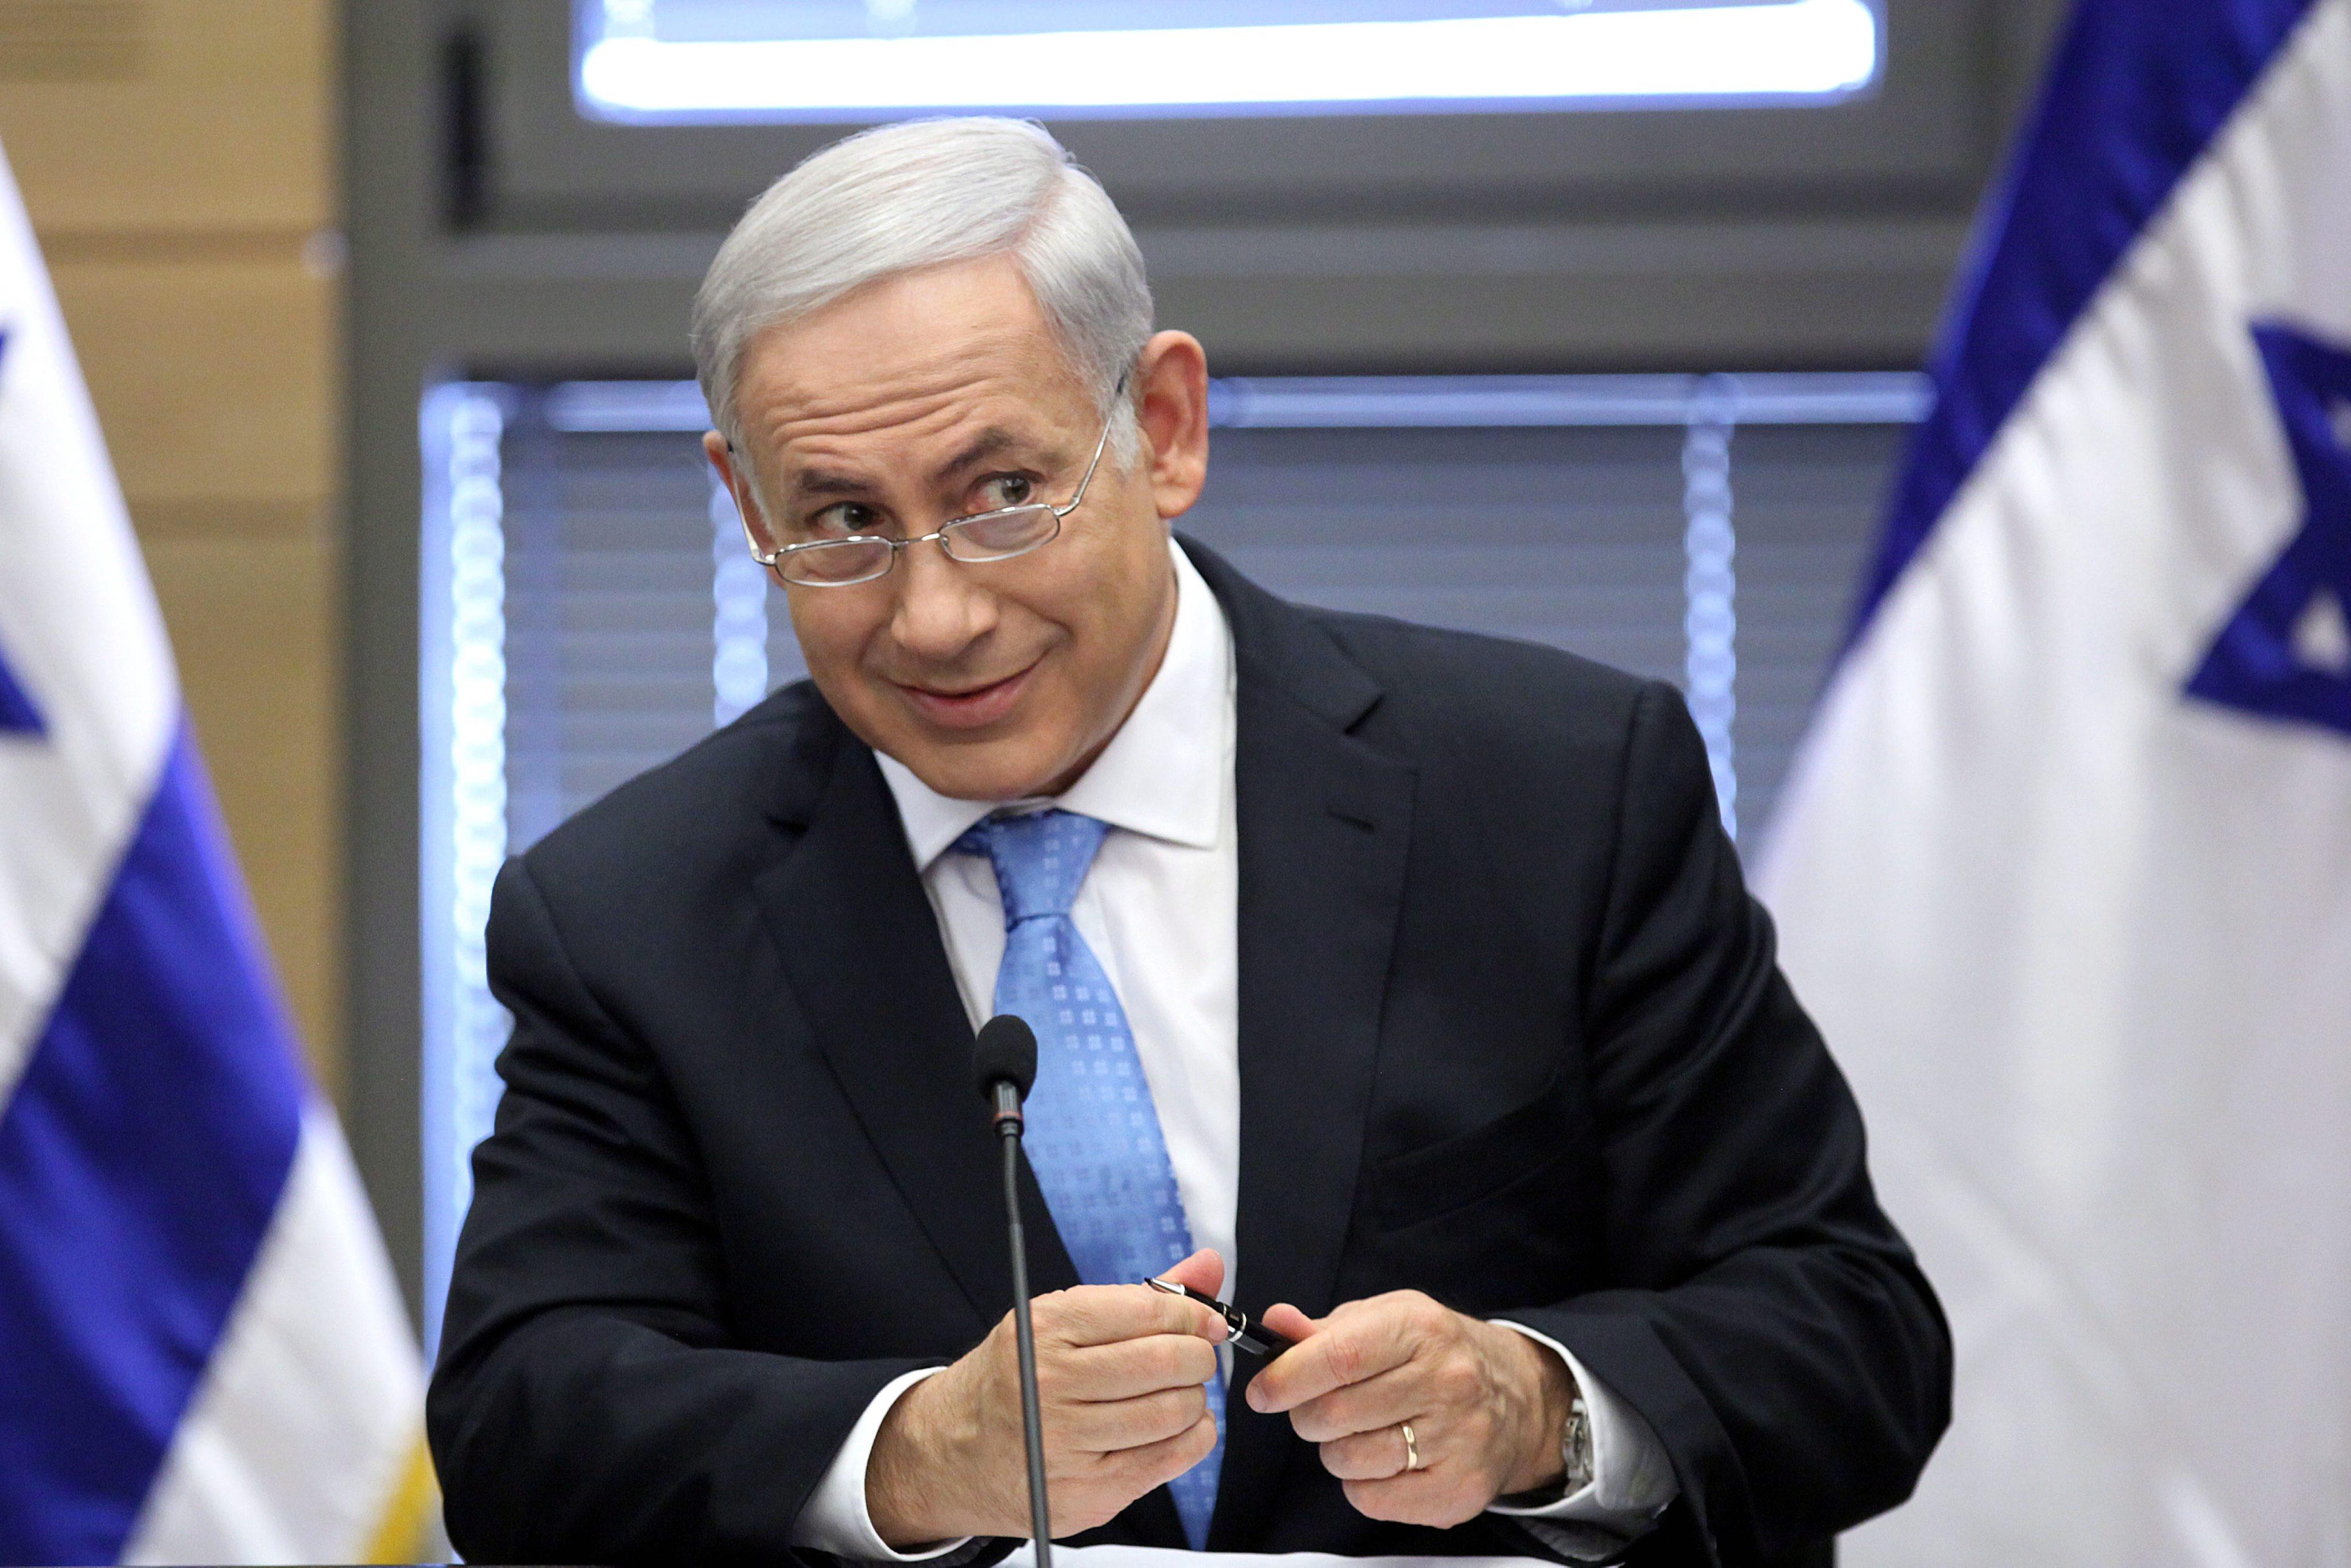 Επανέναρξη των συνομιλιών ζητά η νέα ισραηλινή κυβέρνηση | tovima.gr